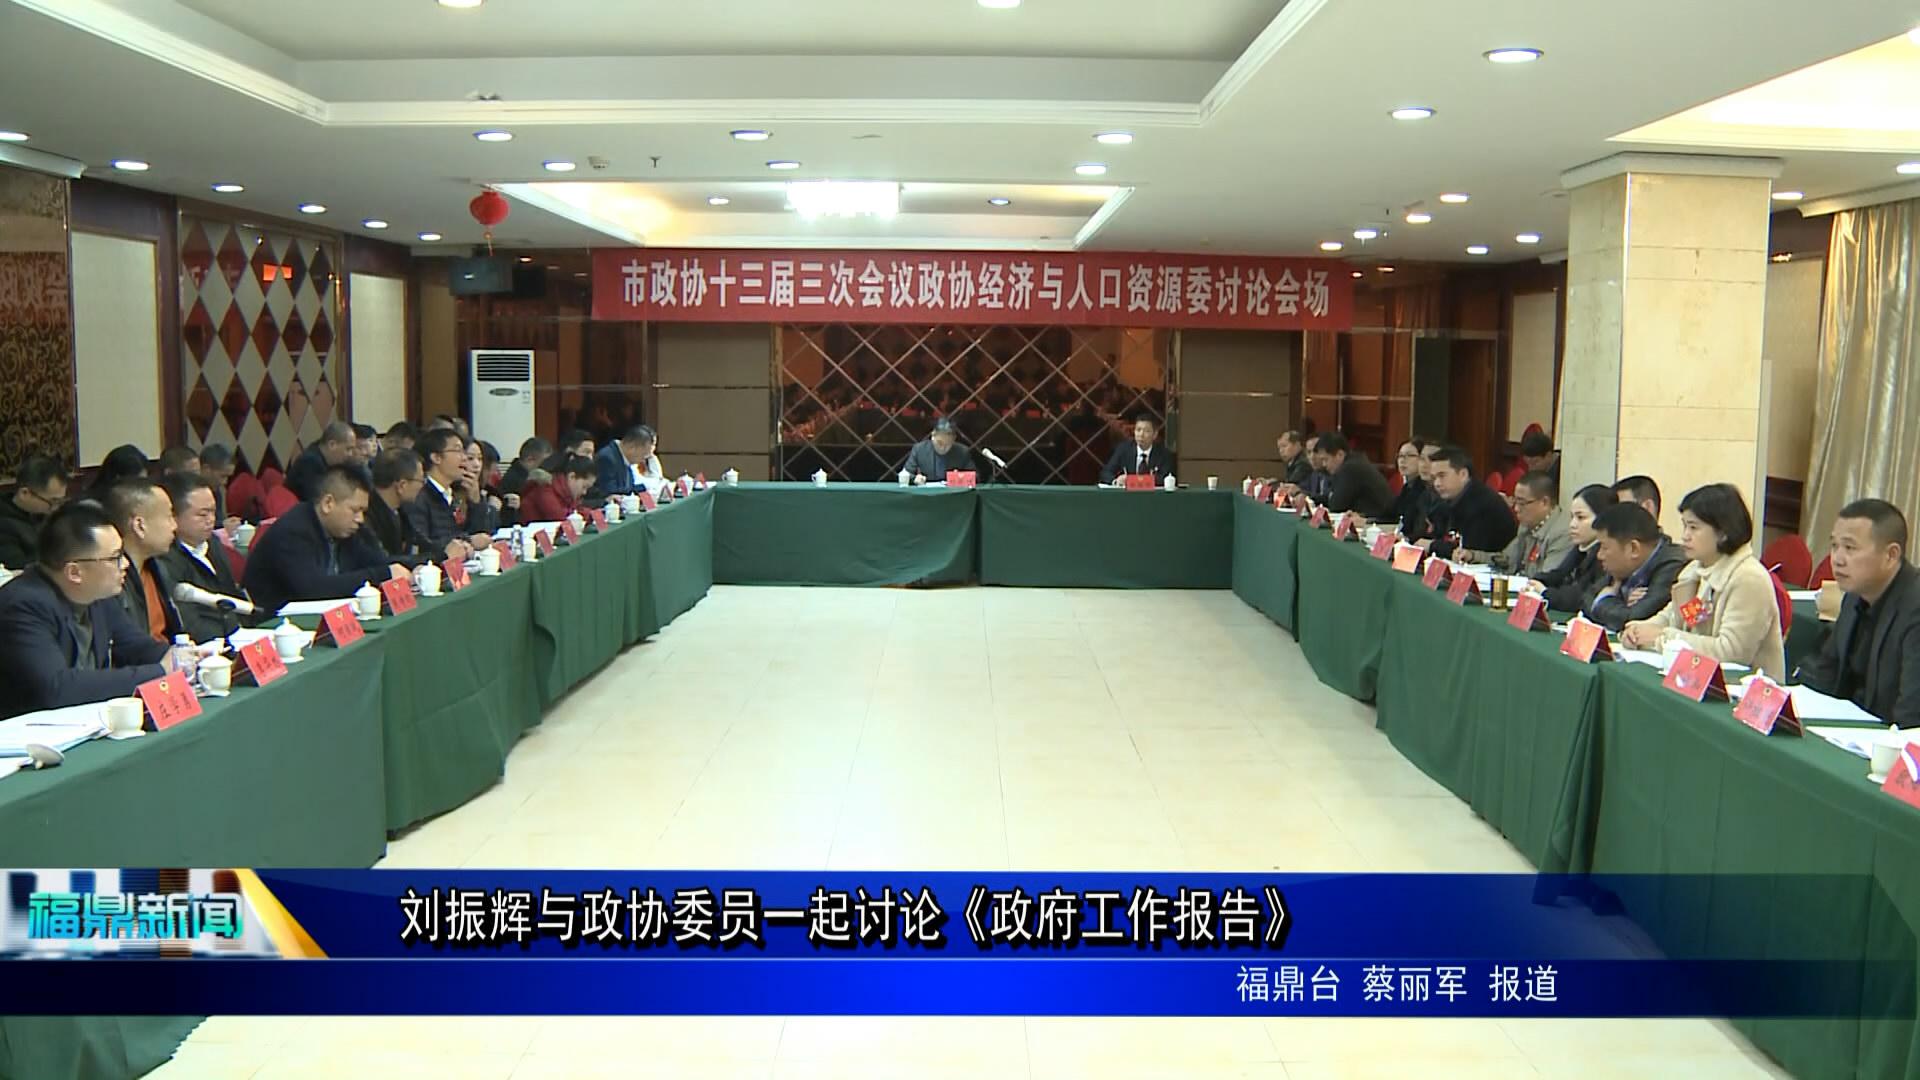 刘振辉与政协委员一同讨论《当局事情陈诉》